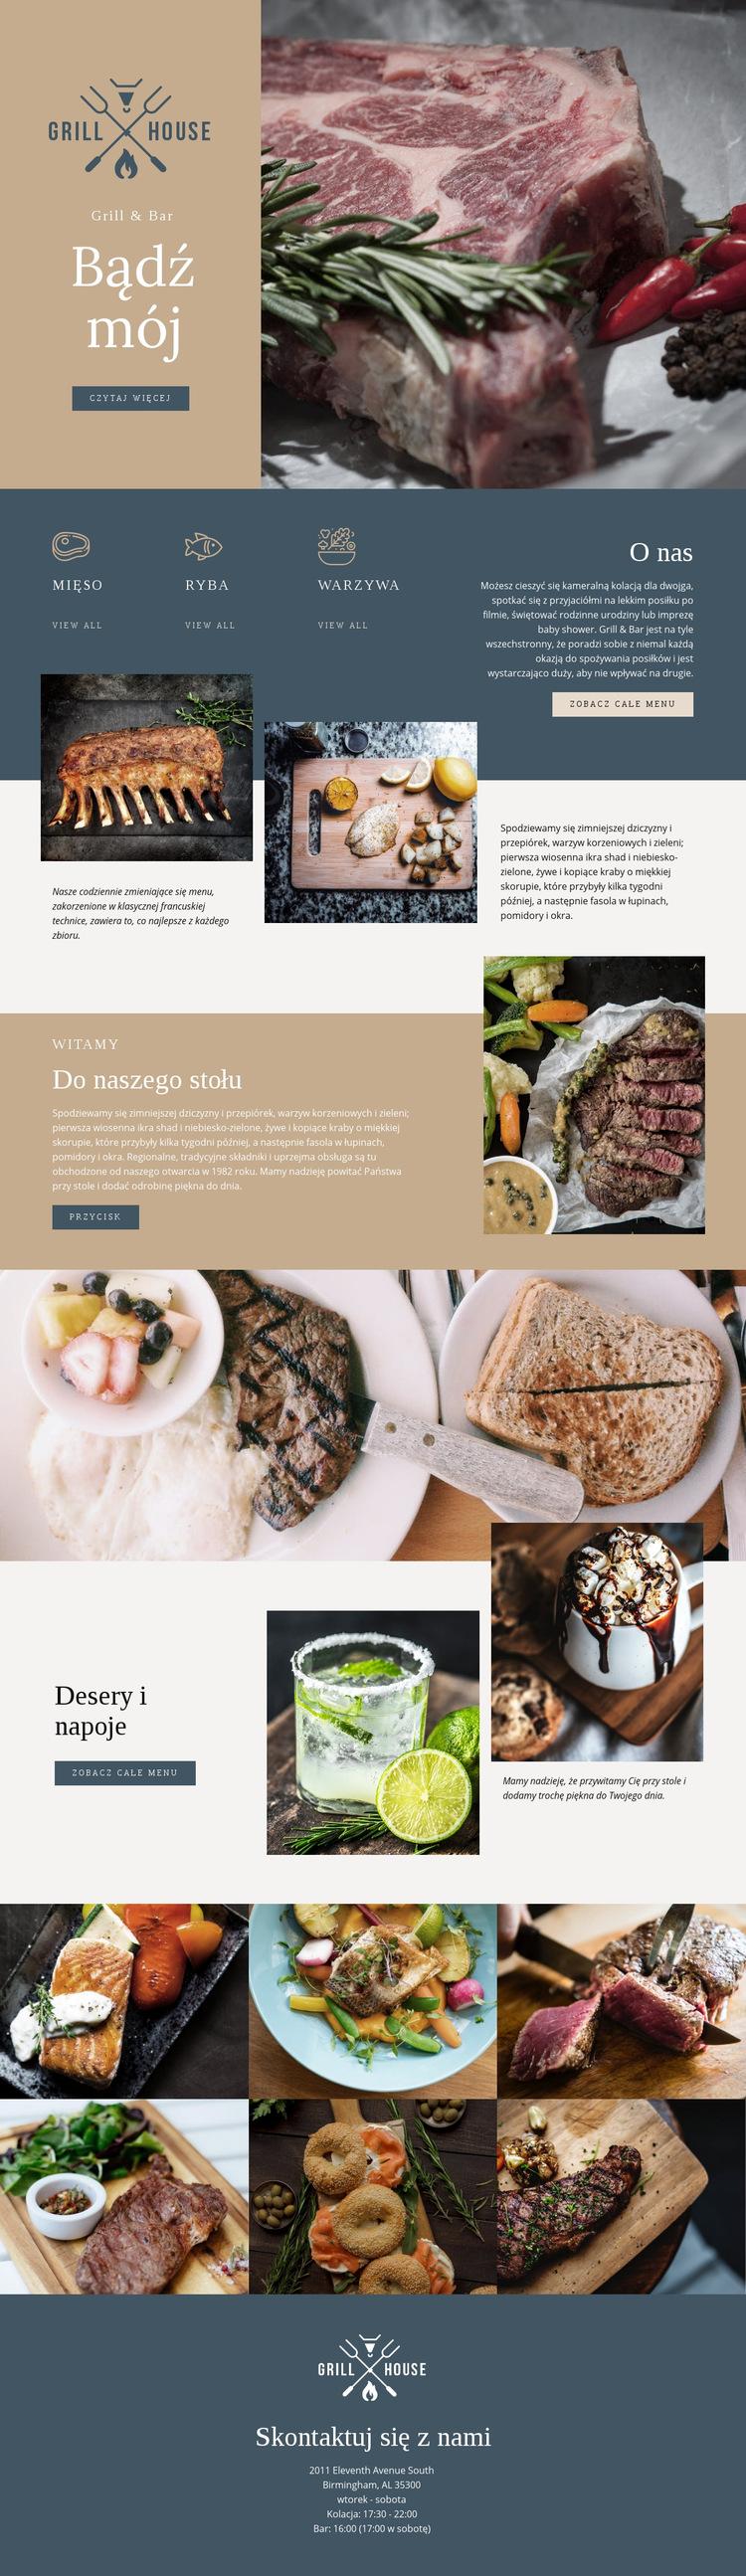 Najlepsza restauracja z grillem Szablon witryny sieci Web